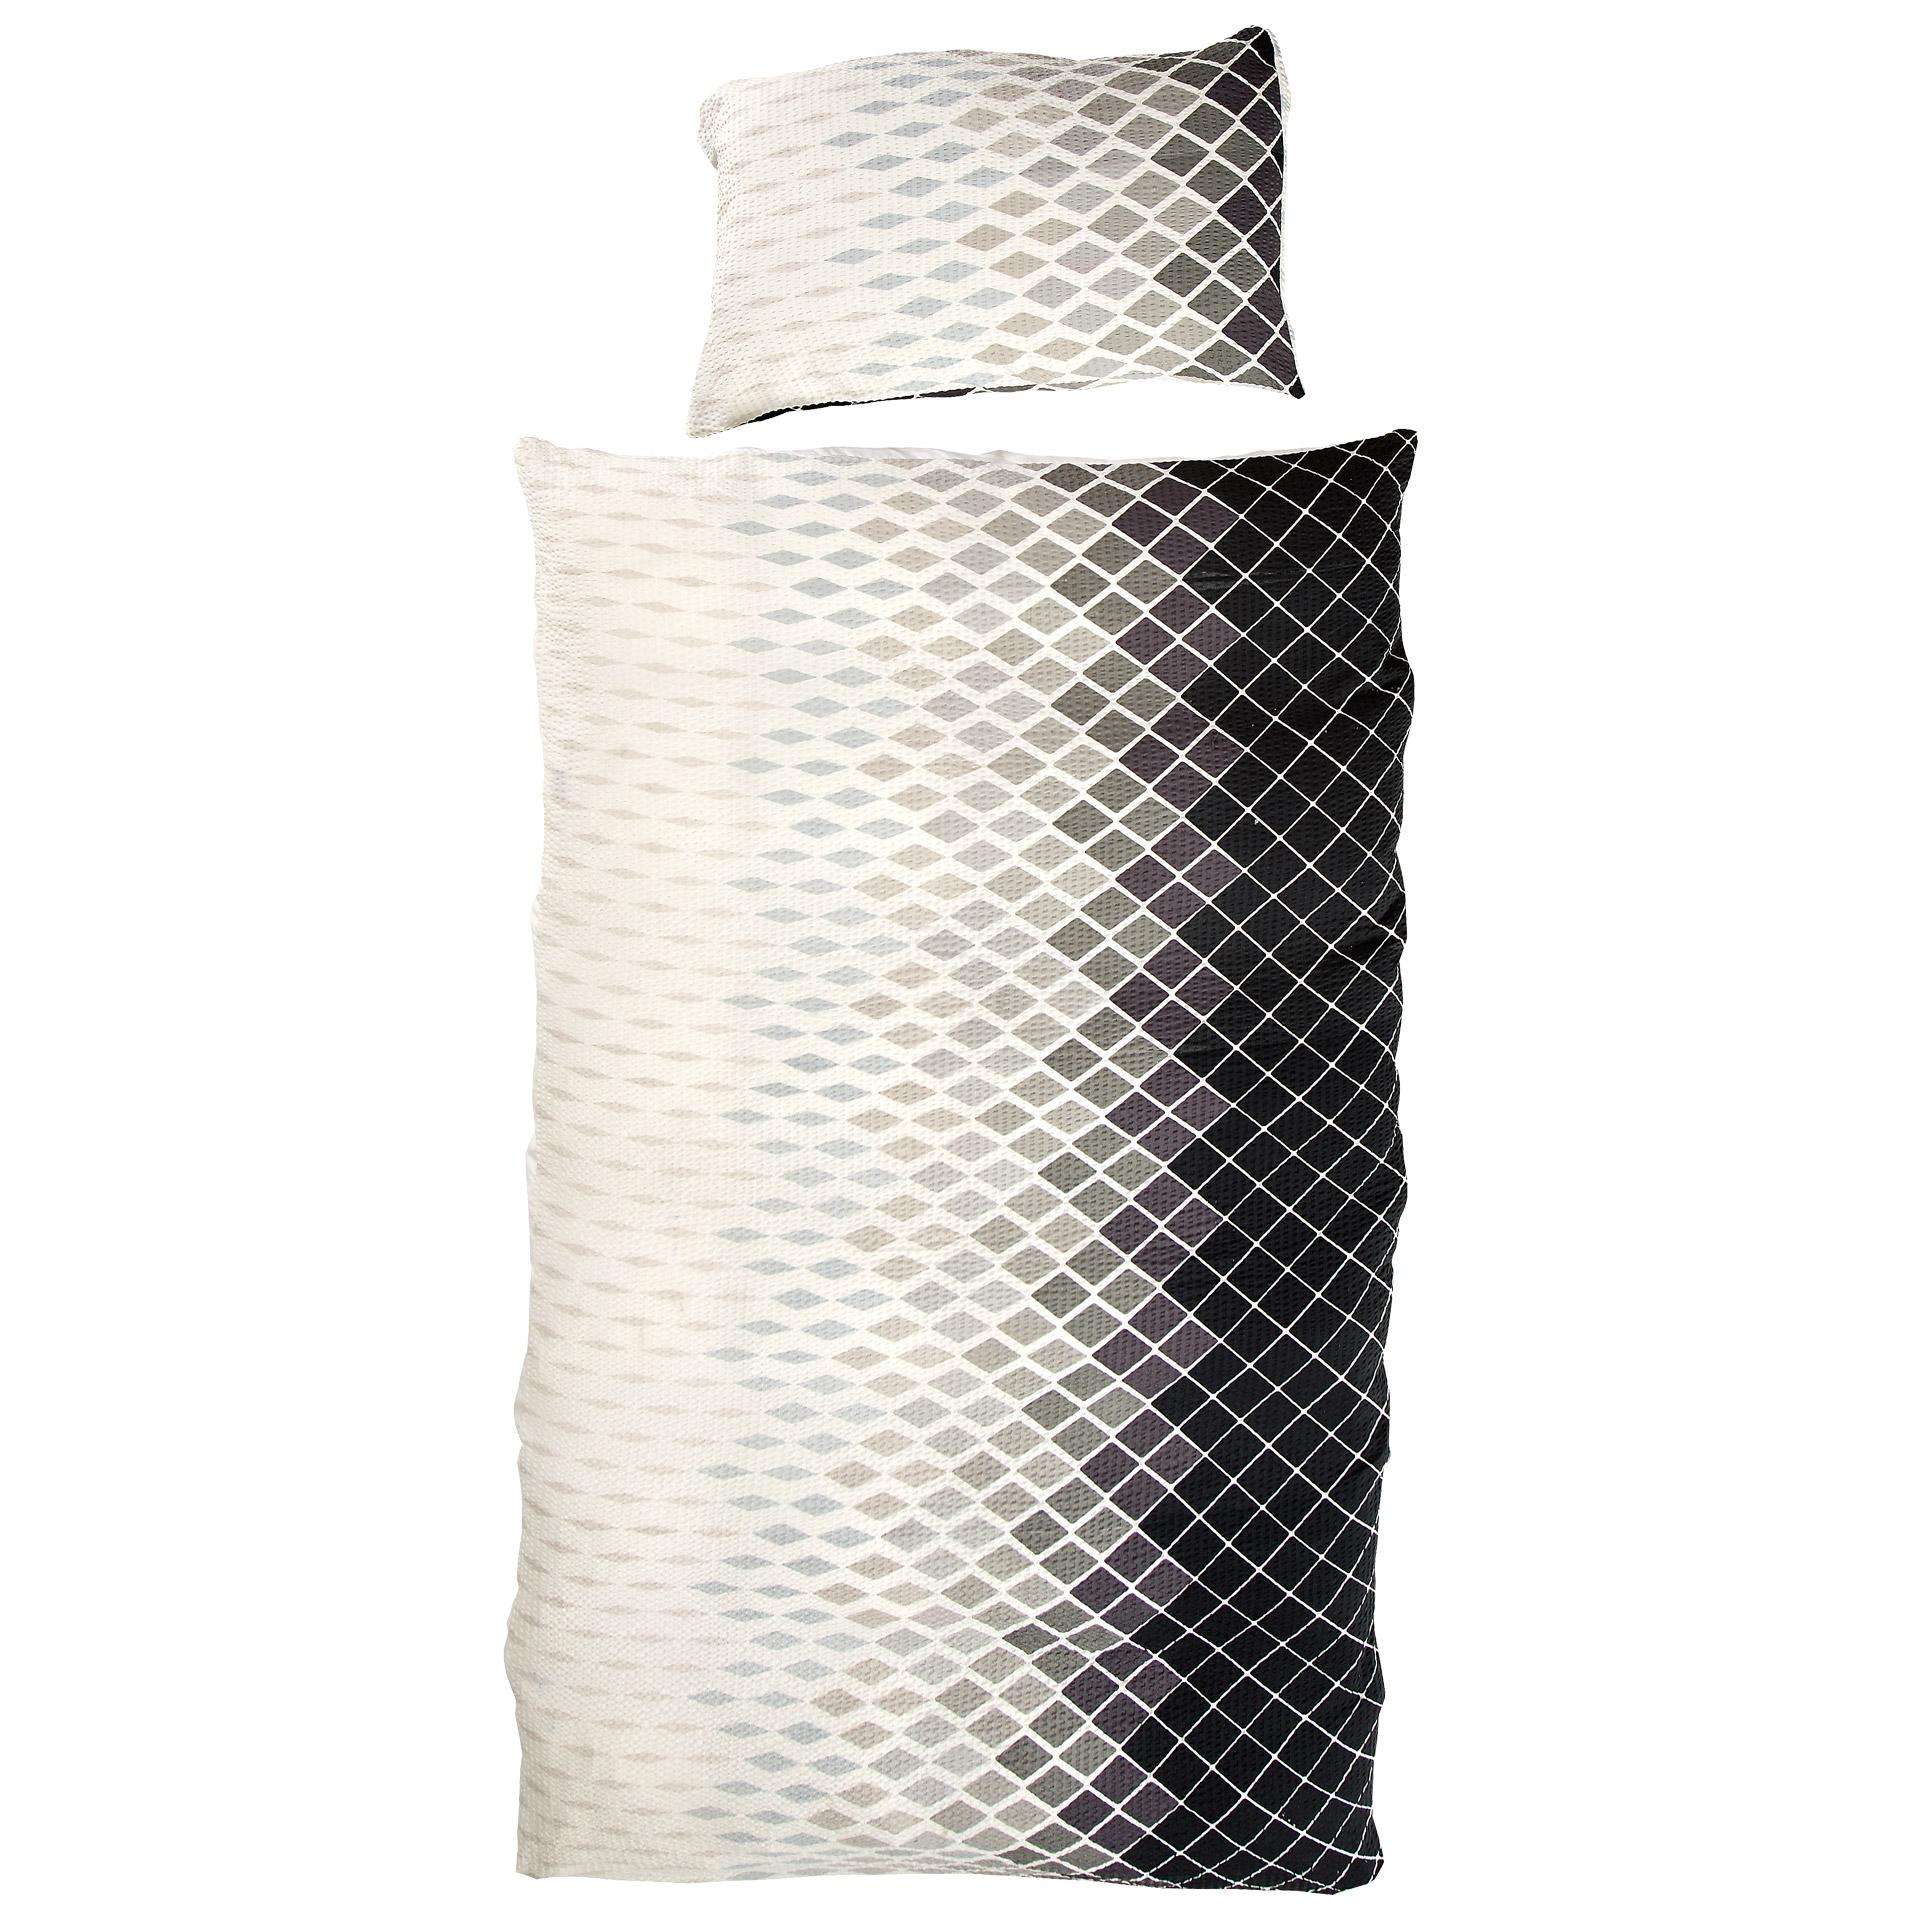 Micro-Seersucker-Bettwäsche Calogera (135x200, schwarz-weiß)